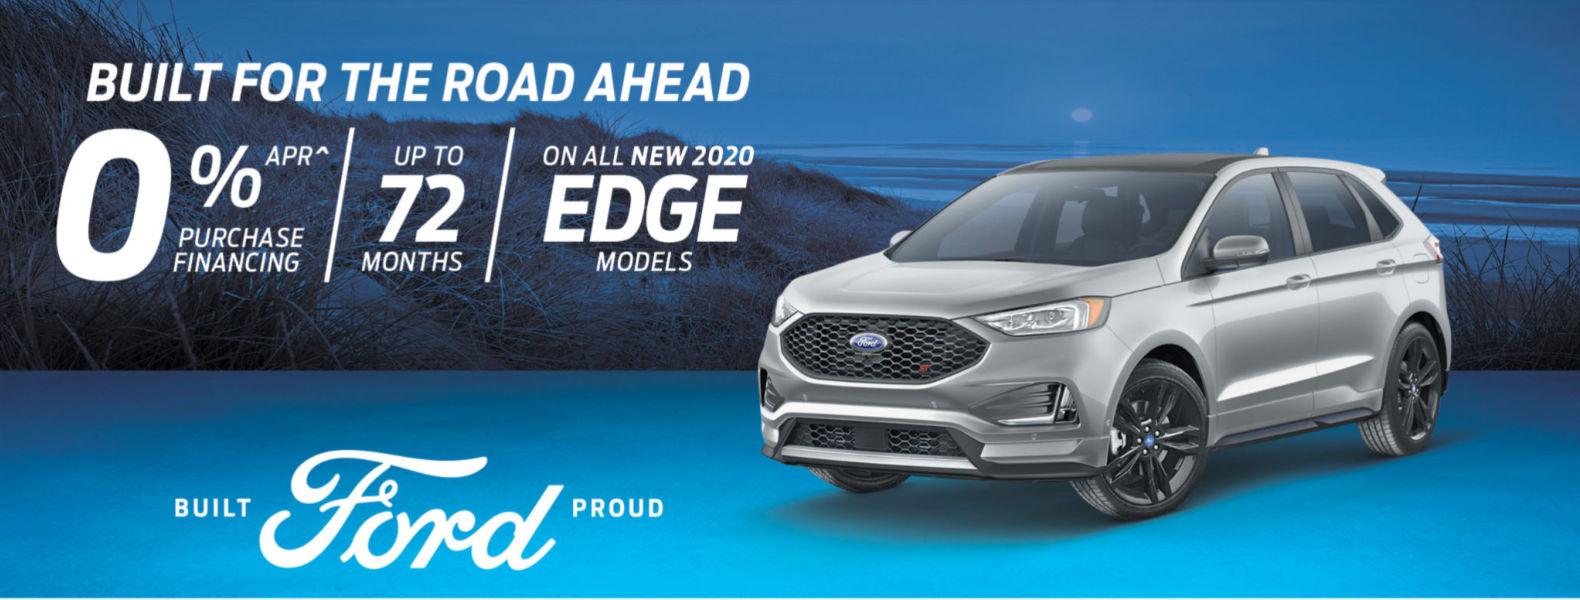 Ford edge deals